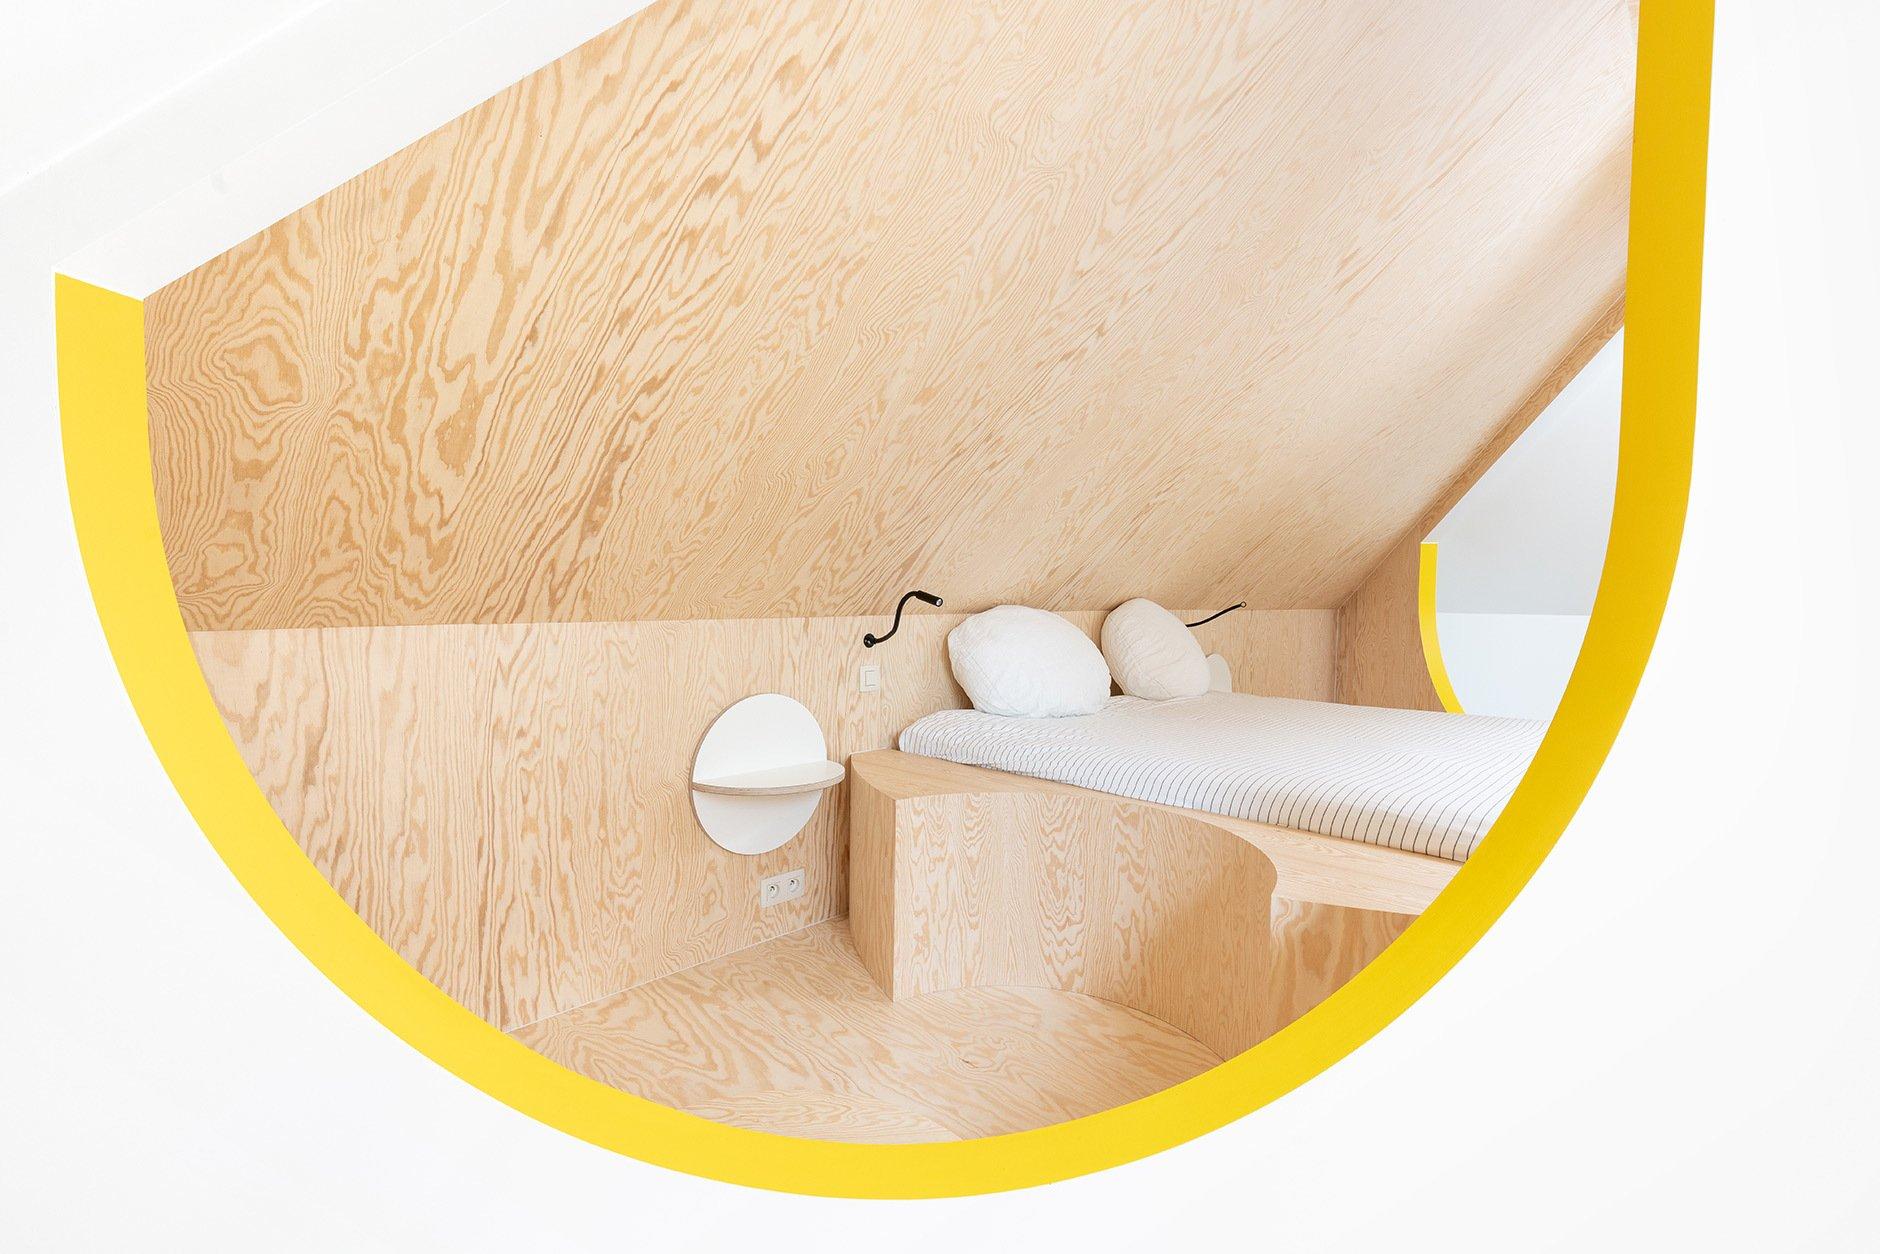 Projekt B&B, Umbau eines Dachgeschosses. © Jochen Verghote